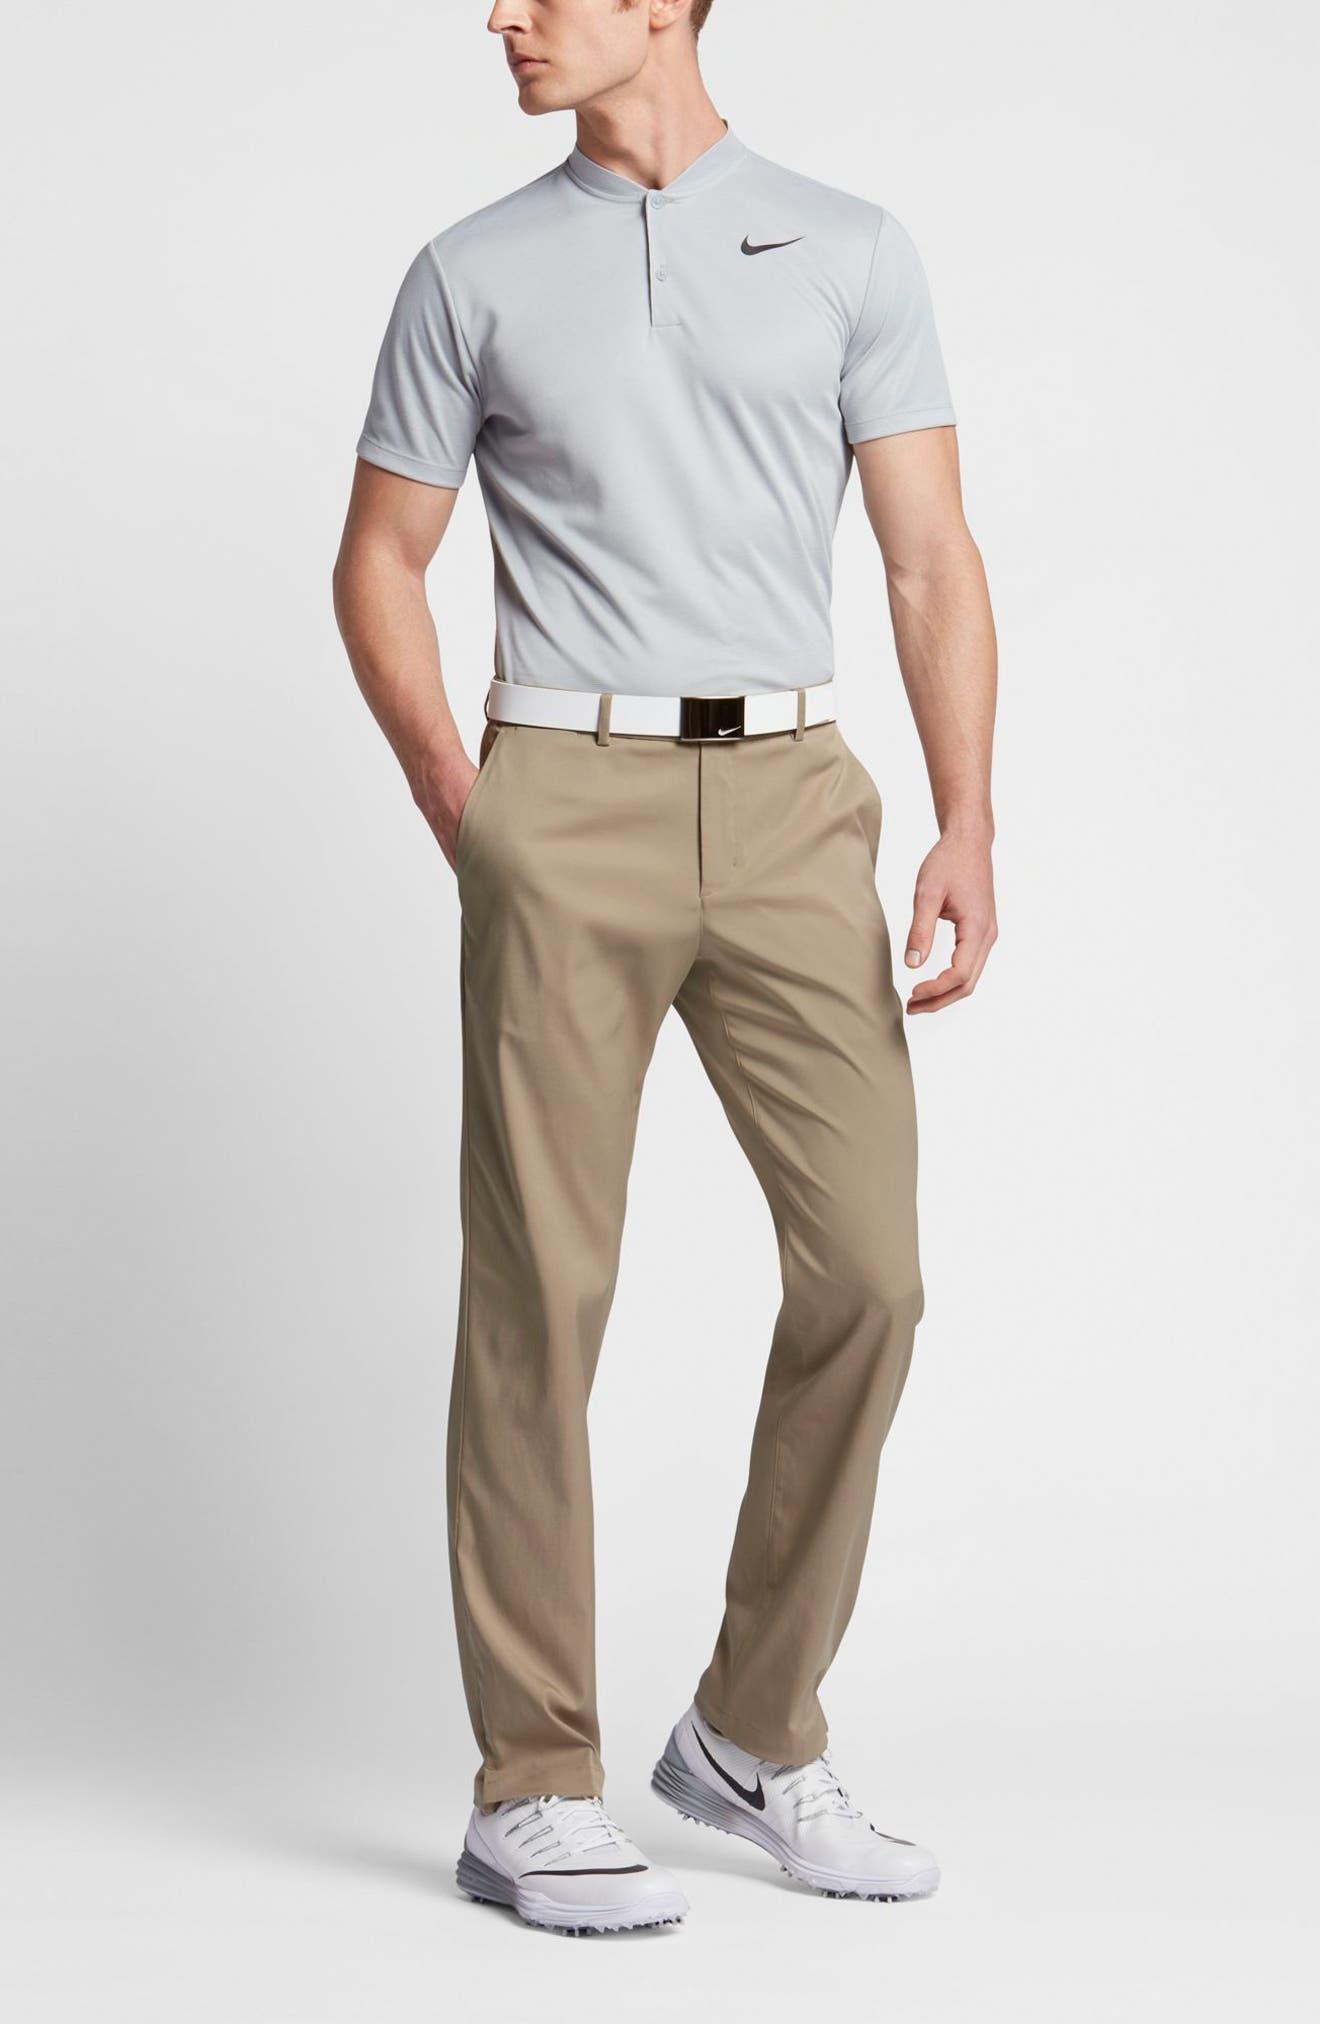 Flat Front Dri-FIT Tech Golf Pants,                             Alternate thumbnail 66, color,